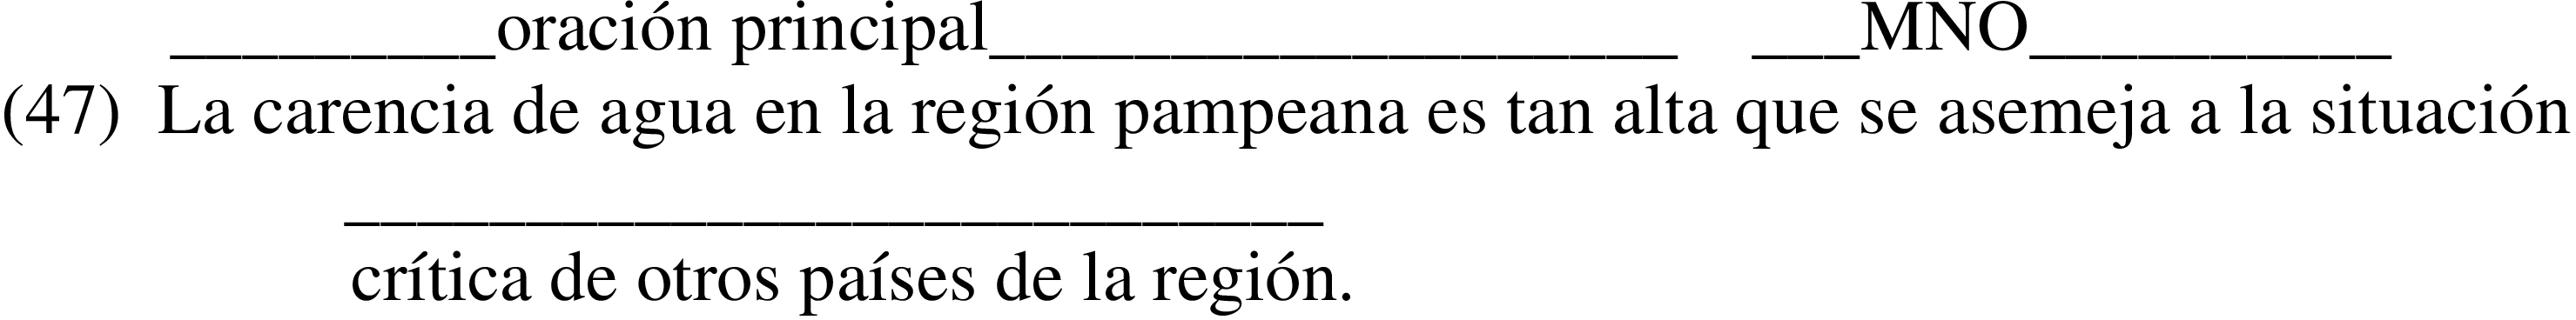 oración-47-cap-3_c